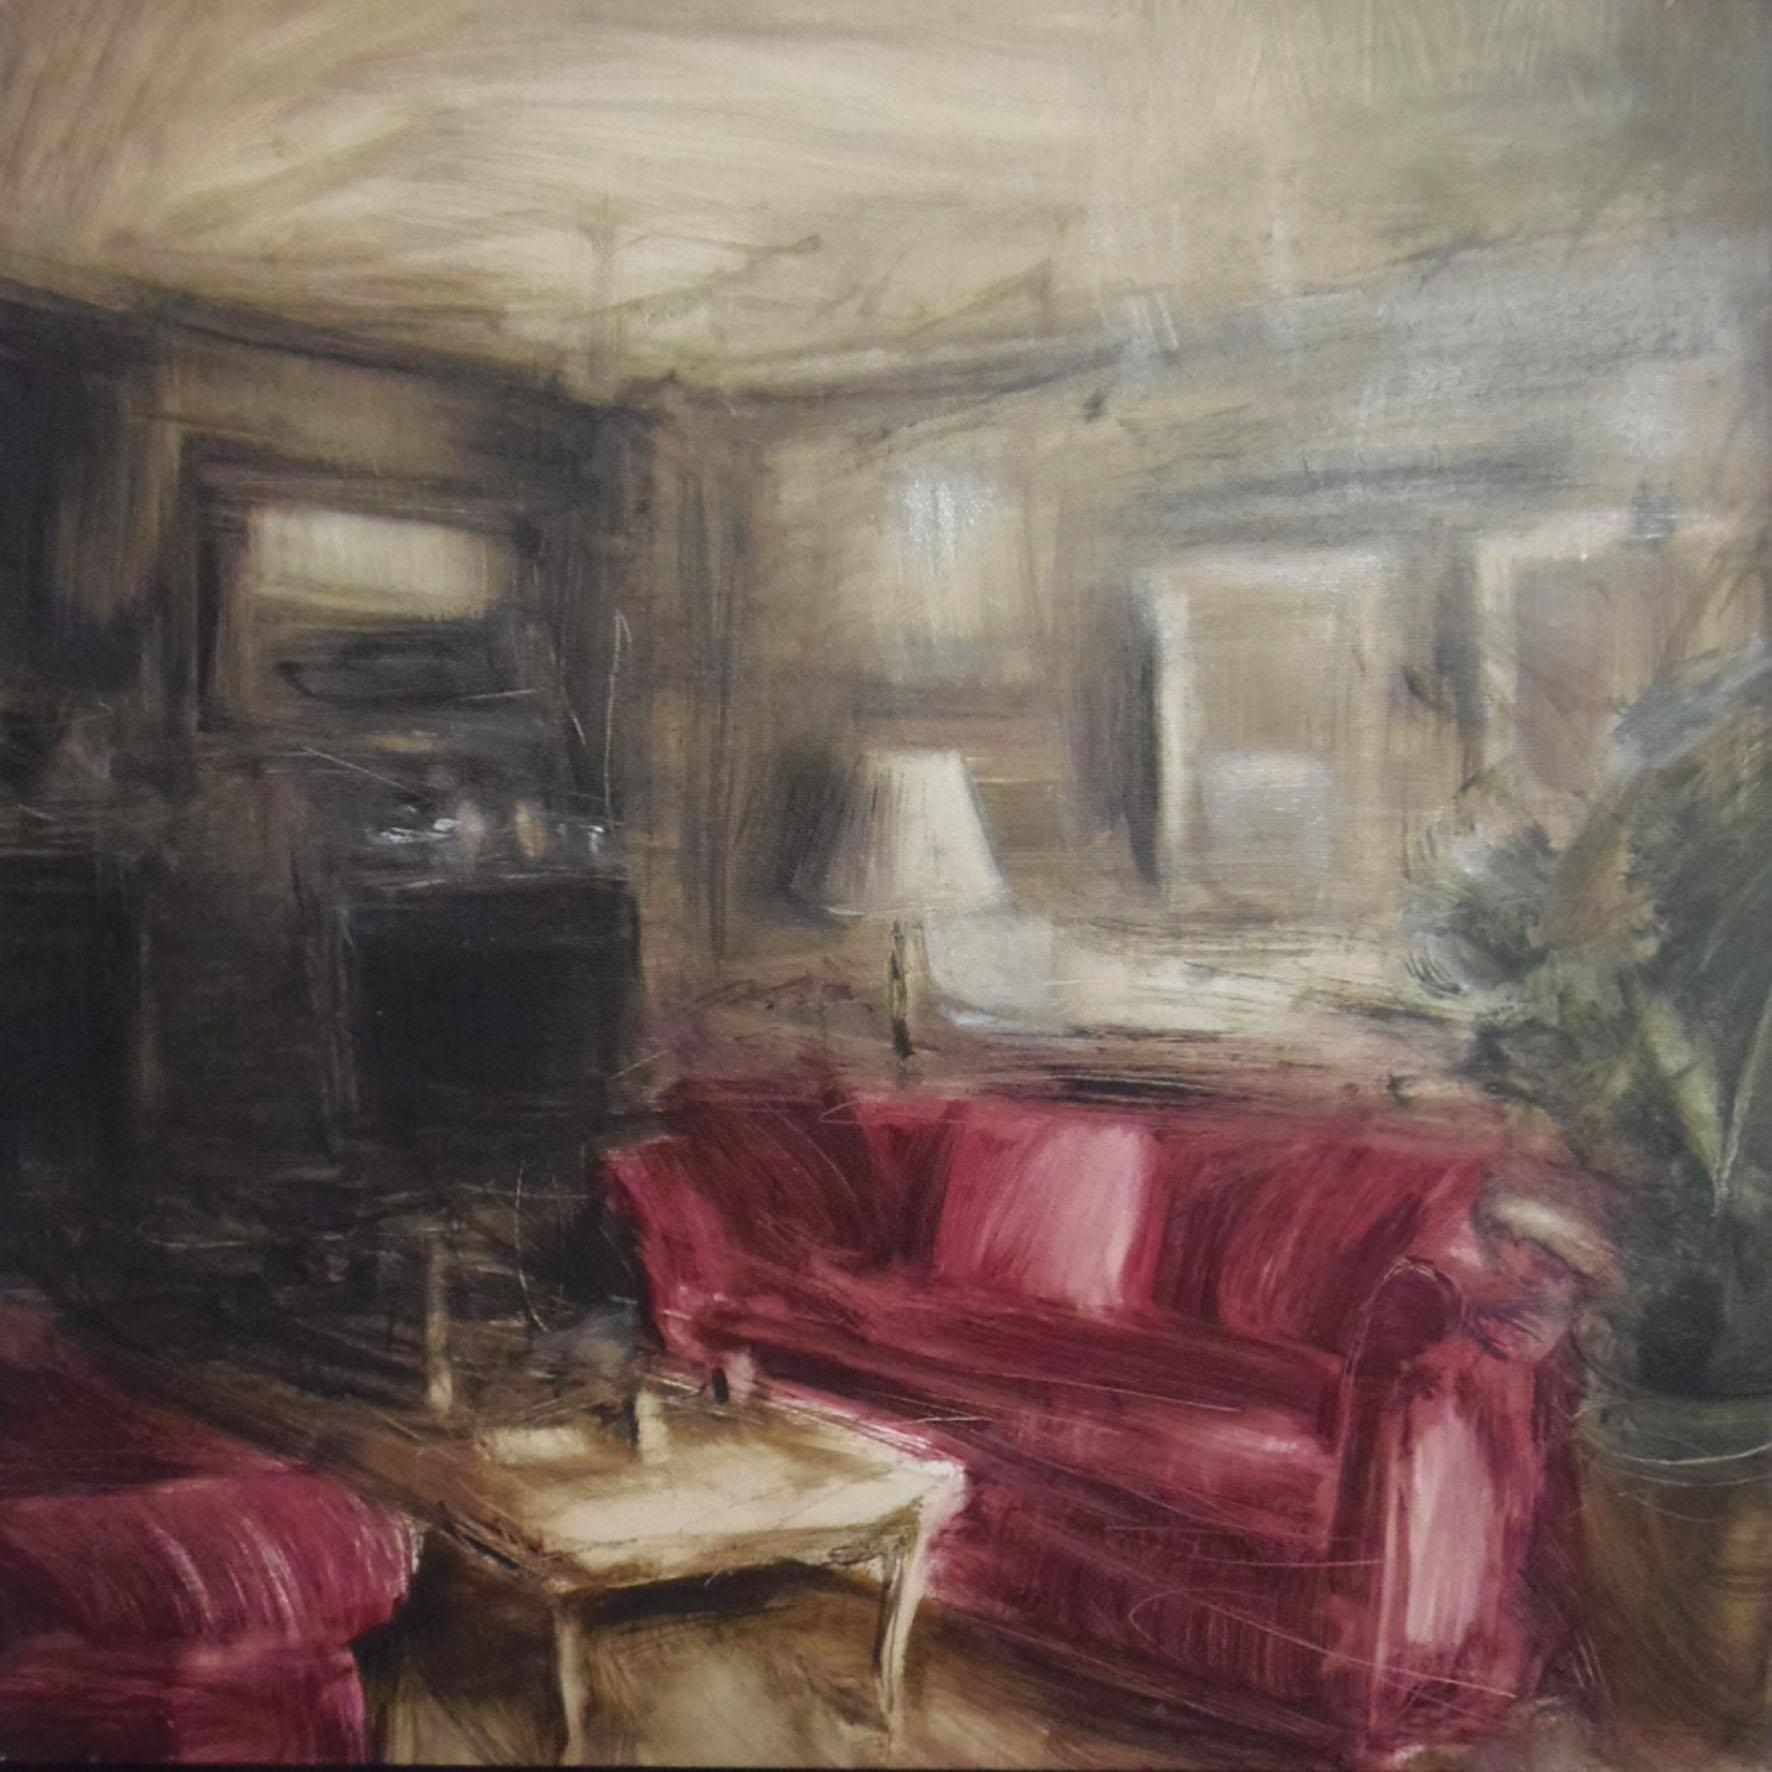 Interno, 2008